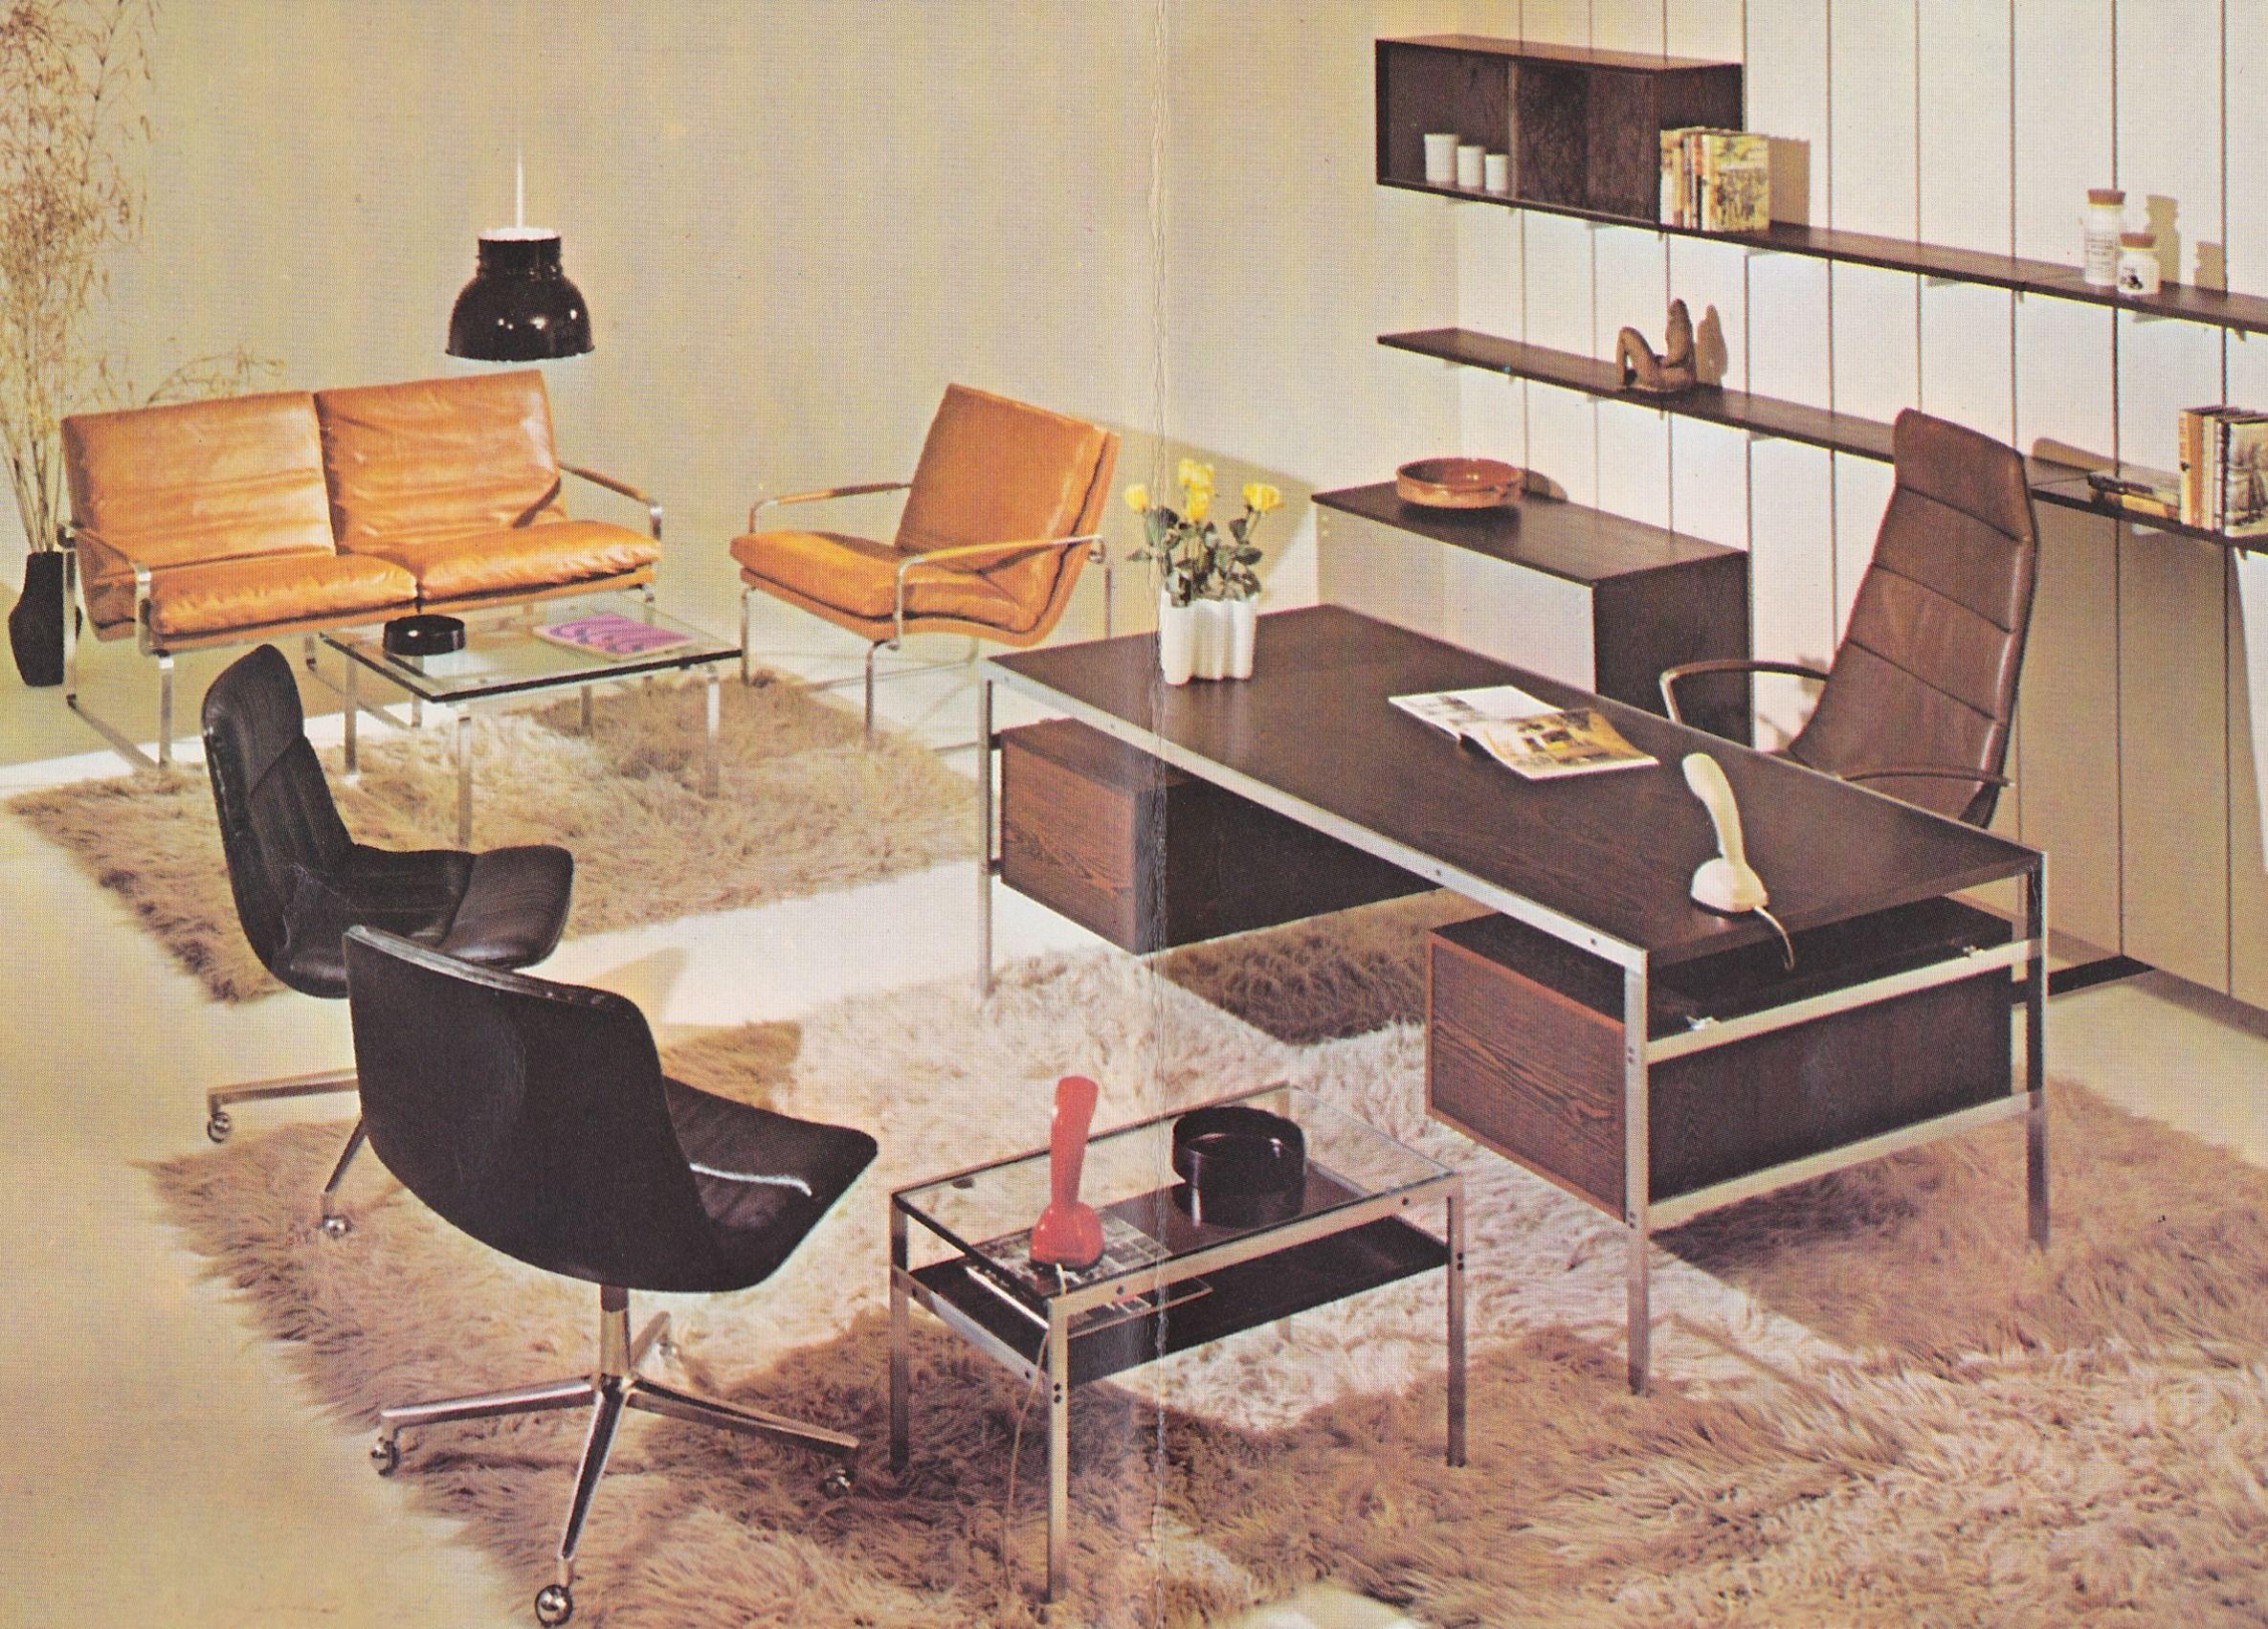 Desk By Fabricius U0026 Kastholm For Bo Ex Furniture, Additional Pieces By  Fabricius U0026 Kastholm And Lund U0026 Larsen For Bo Ex Furniture.